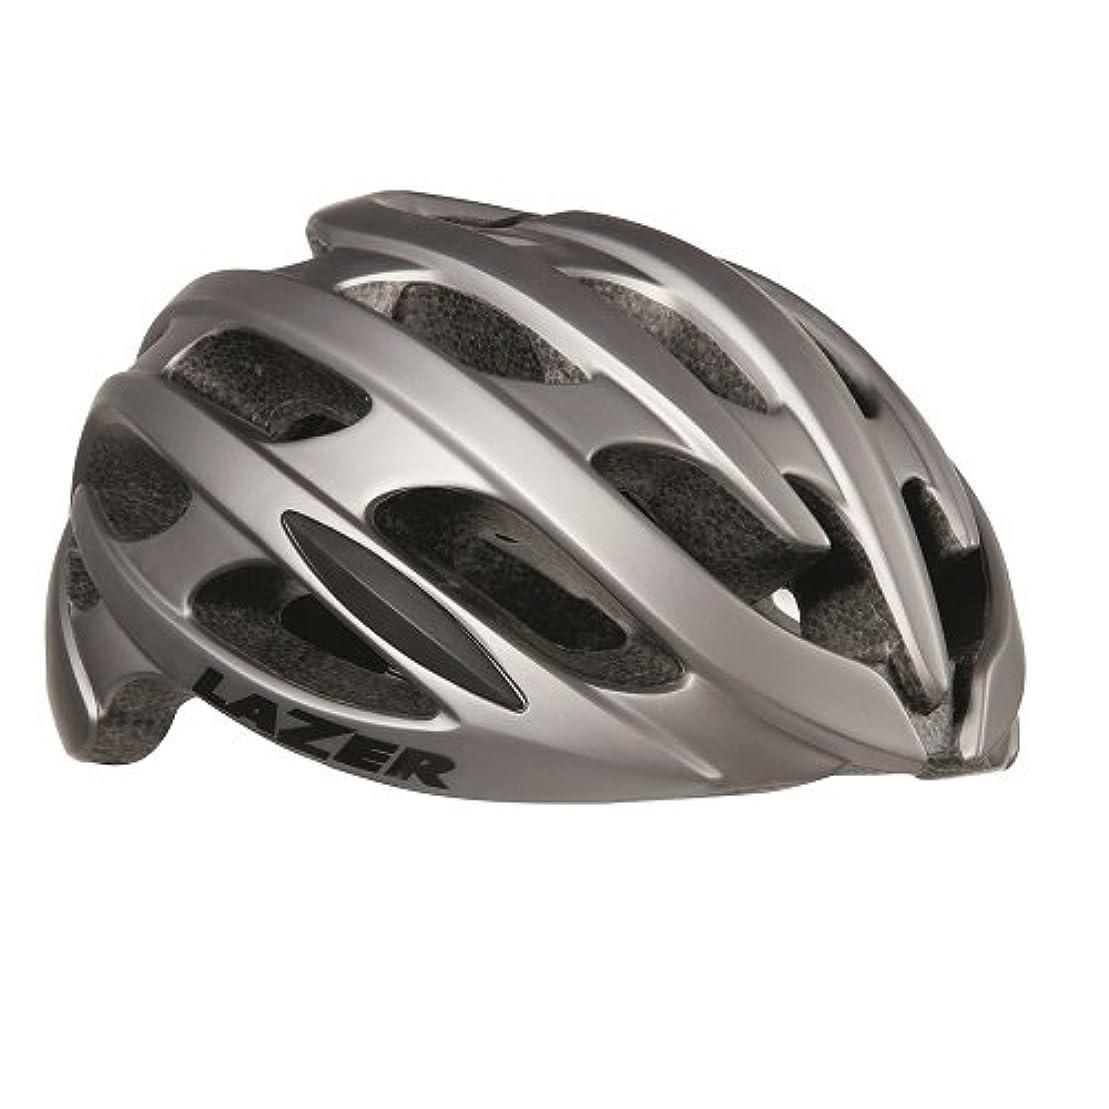 比類のない結婚した作り上げるLAZER(レーザー) ヘルメット Blade AF アジアンフィットモデル JCF公認 サイクリングヘルメット R2LA838698X マットチタニウム L(58-61cm)